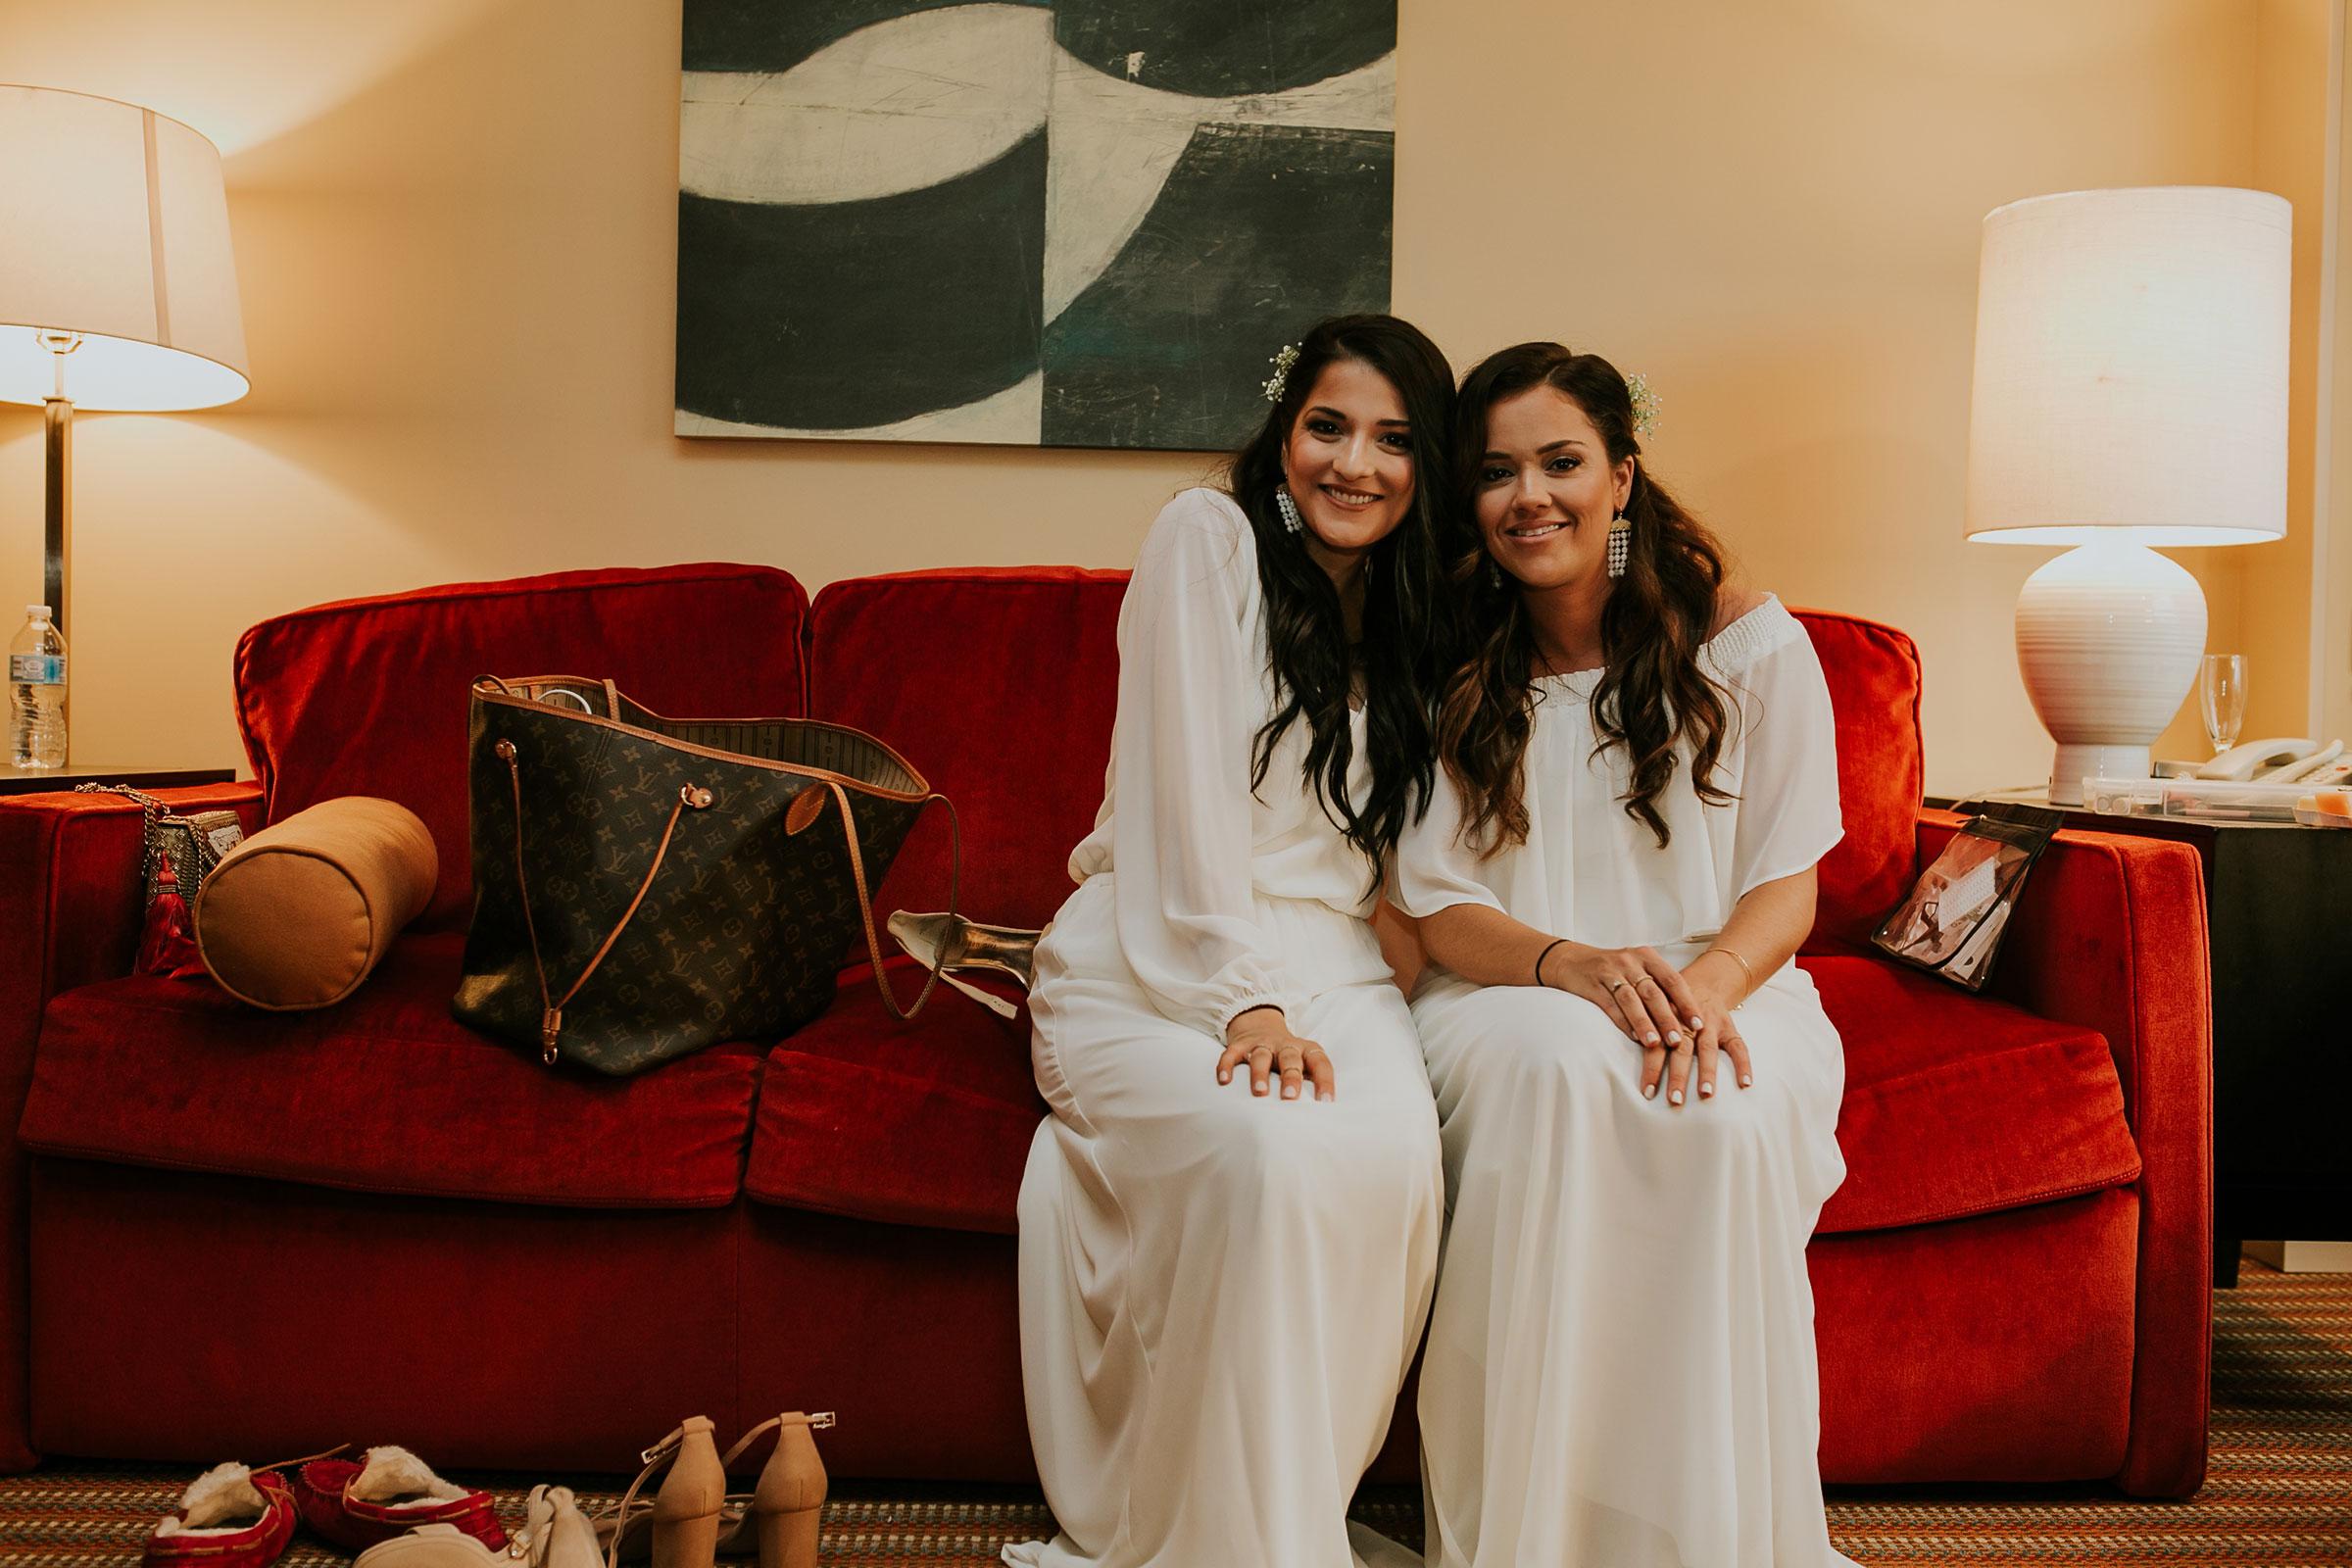 bridesmaids-posing-on-couch-hilton-omaha-nebraska-raelyn-ramey-photography.jpg